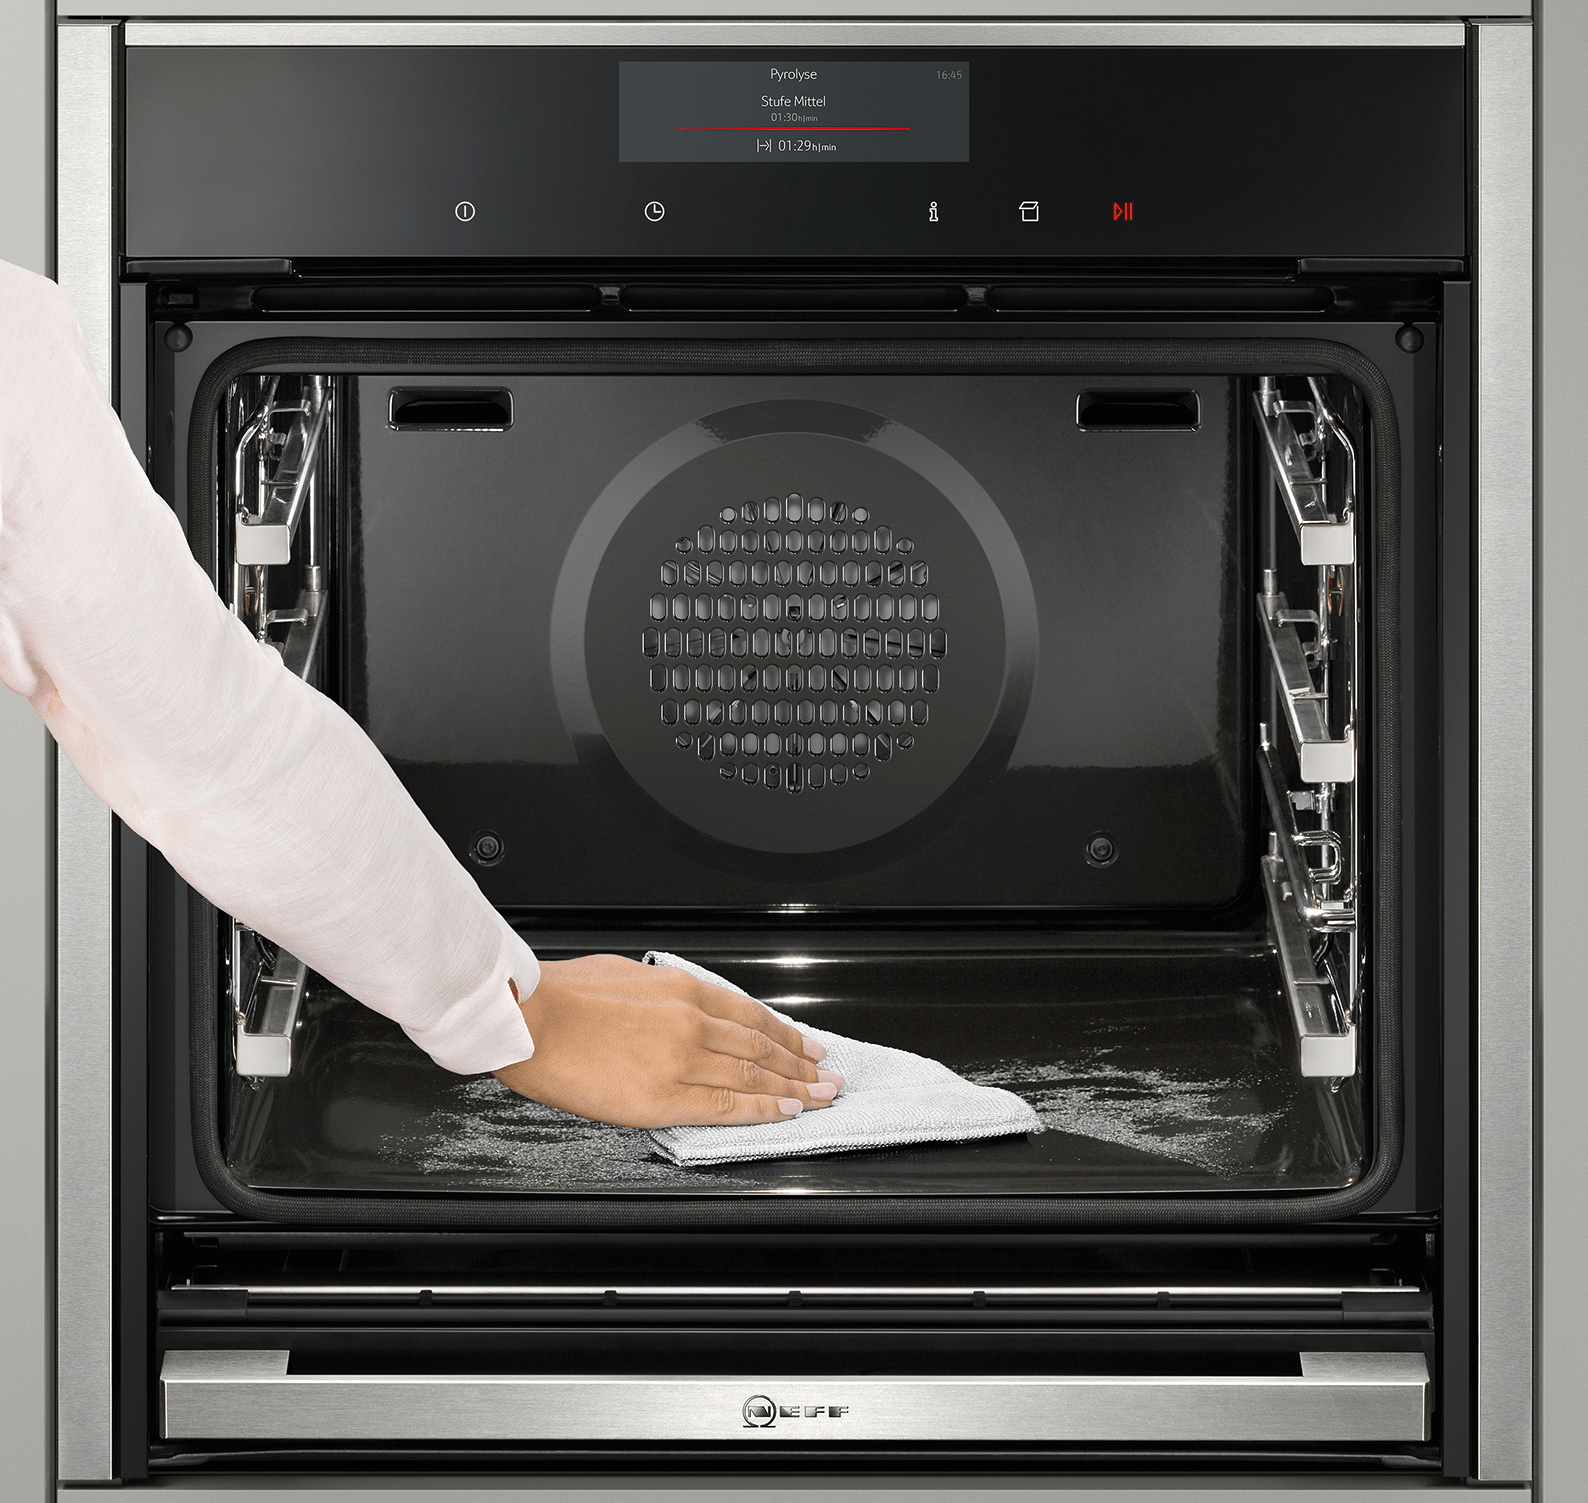 Каталитическая очистка духовки - что это такое и как работает, отличие от пиролитической или гидролизной